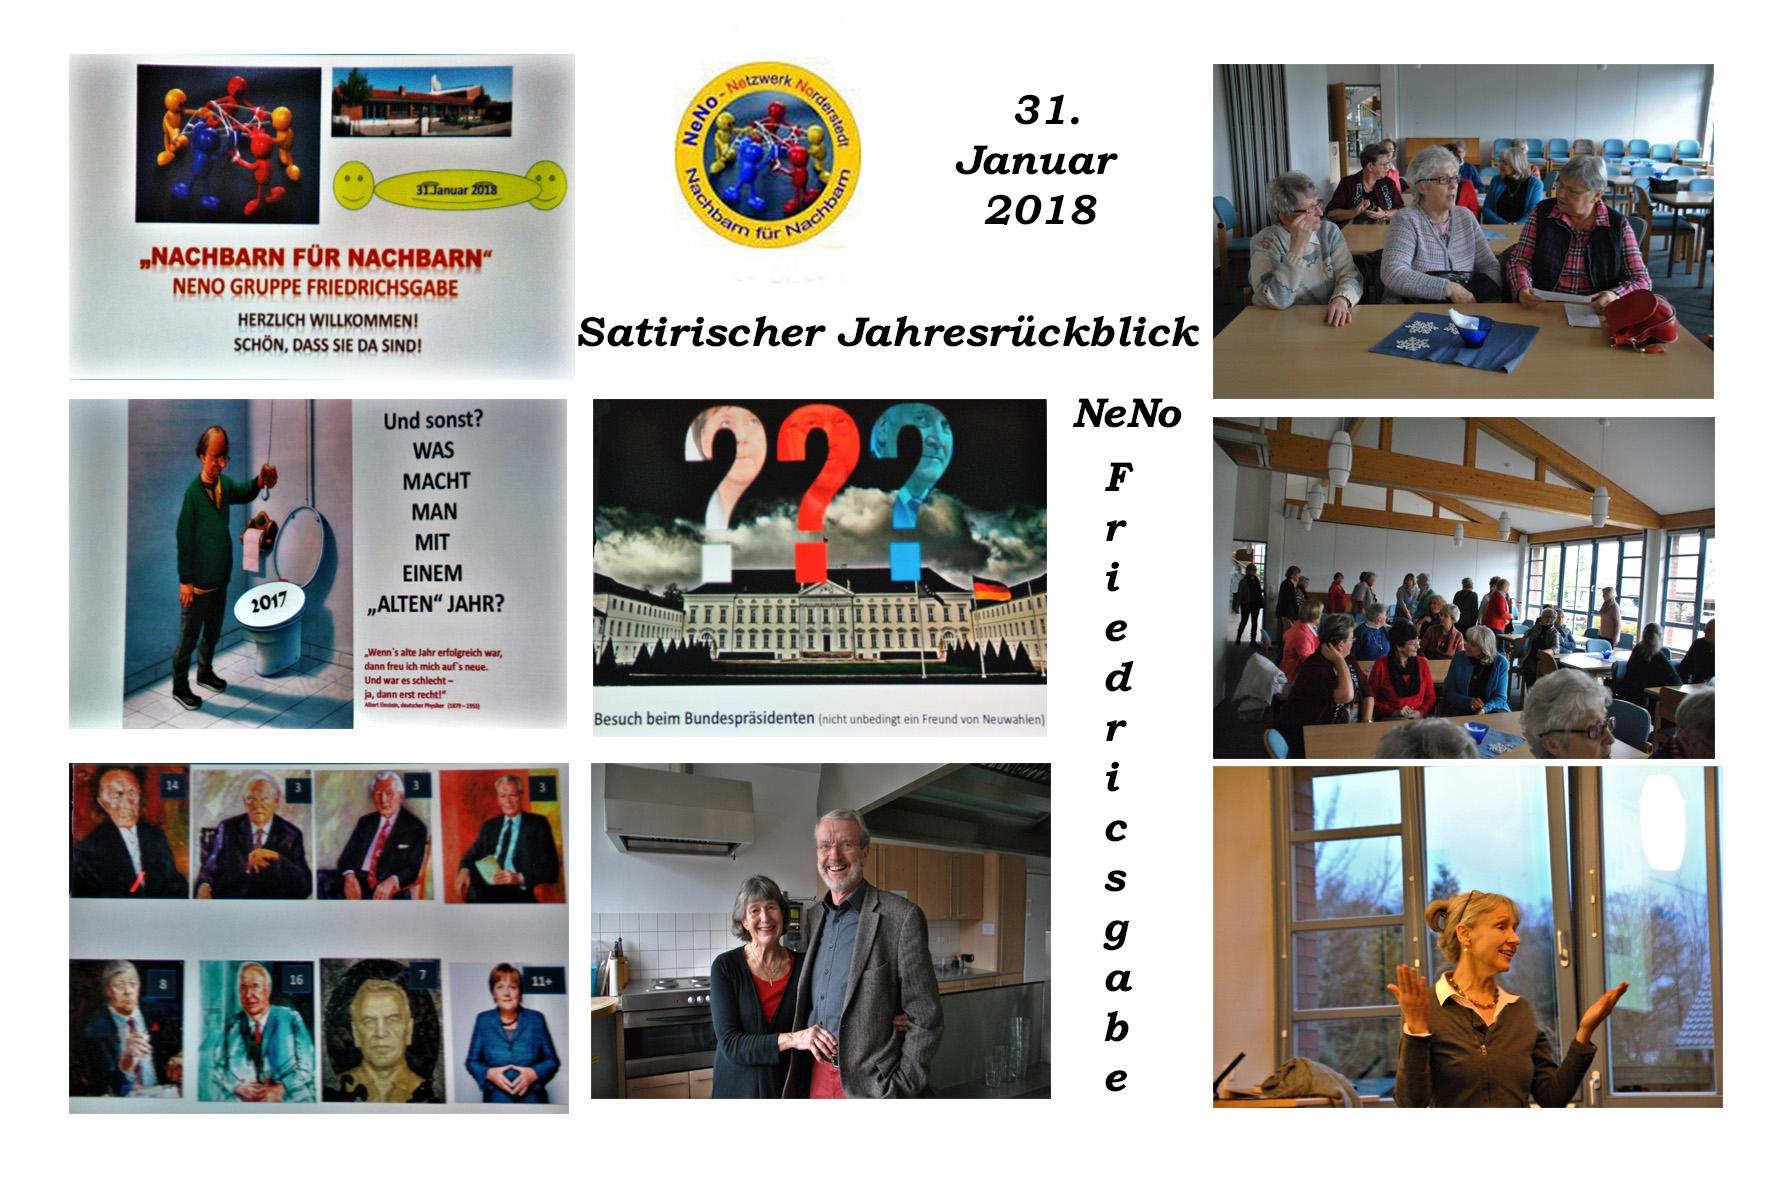 NeNo/Glashütte 2: Zu Besuch bei der NeNo-Gruppe Friedrichsgabe zum satirischen Jahresrückblick 2017, 31.01.2018 (Fotos: Tom)